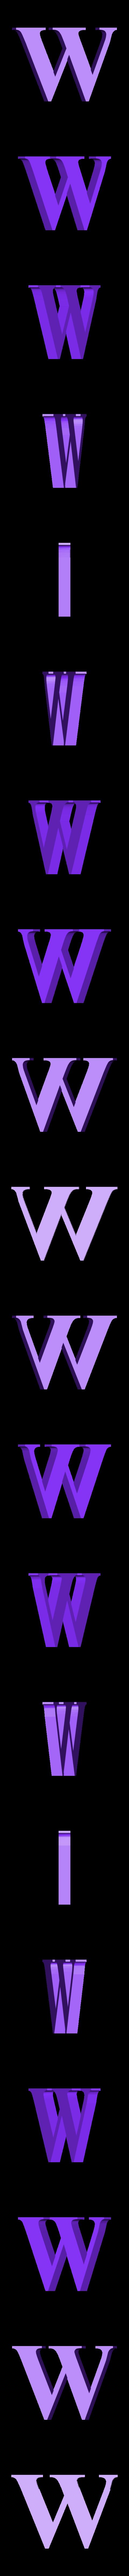 W.STL Télécharger fichier STL gratuit alphabet • Modèle pour imprimante 3D, Cerega